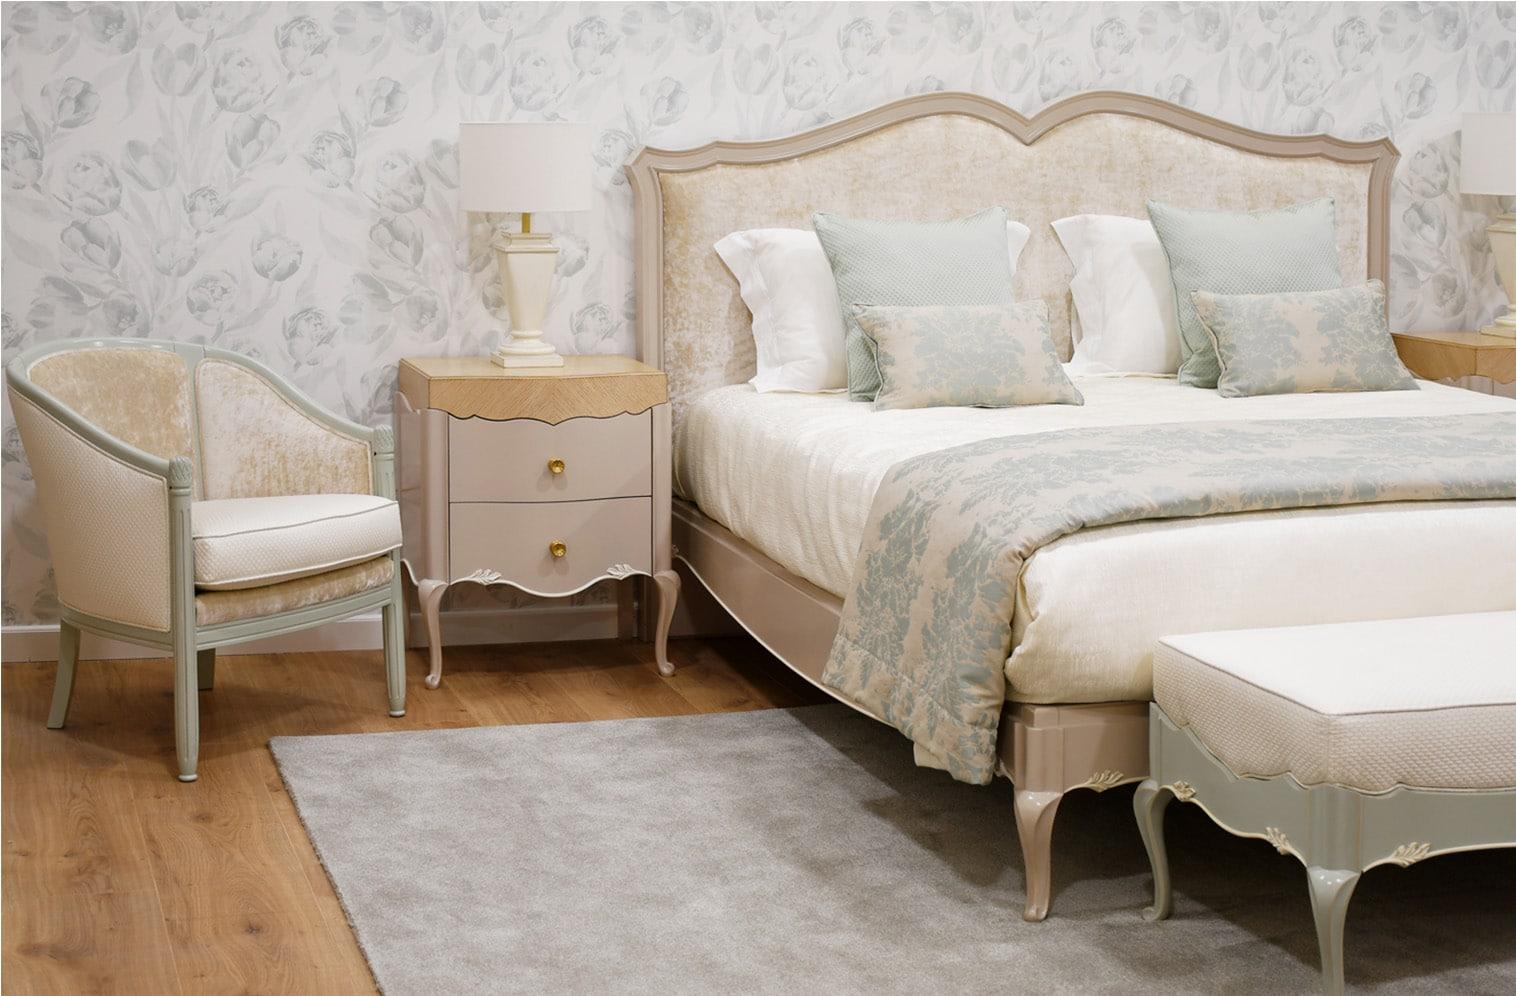 dormitorio_clasico_004